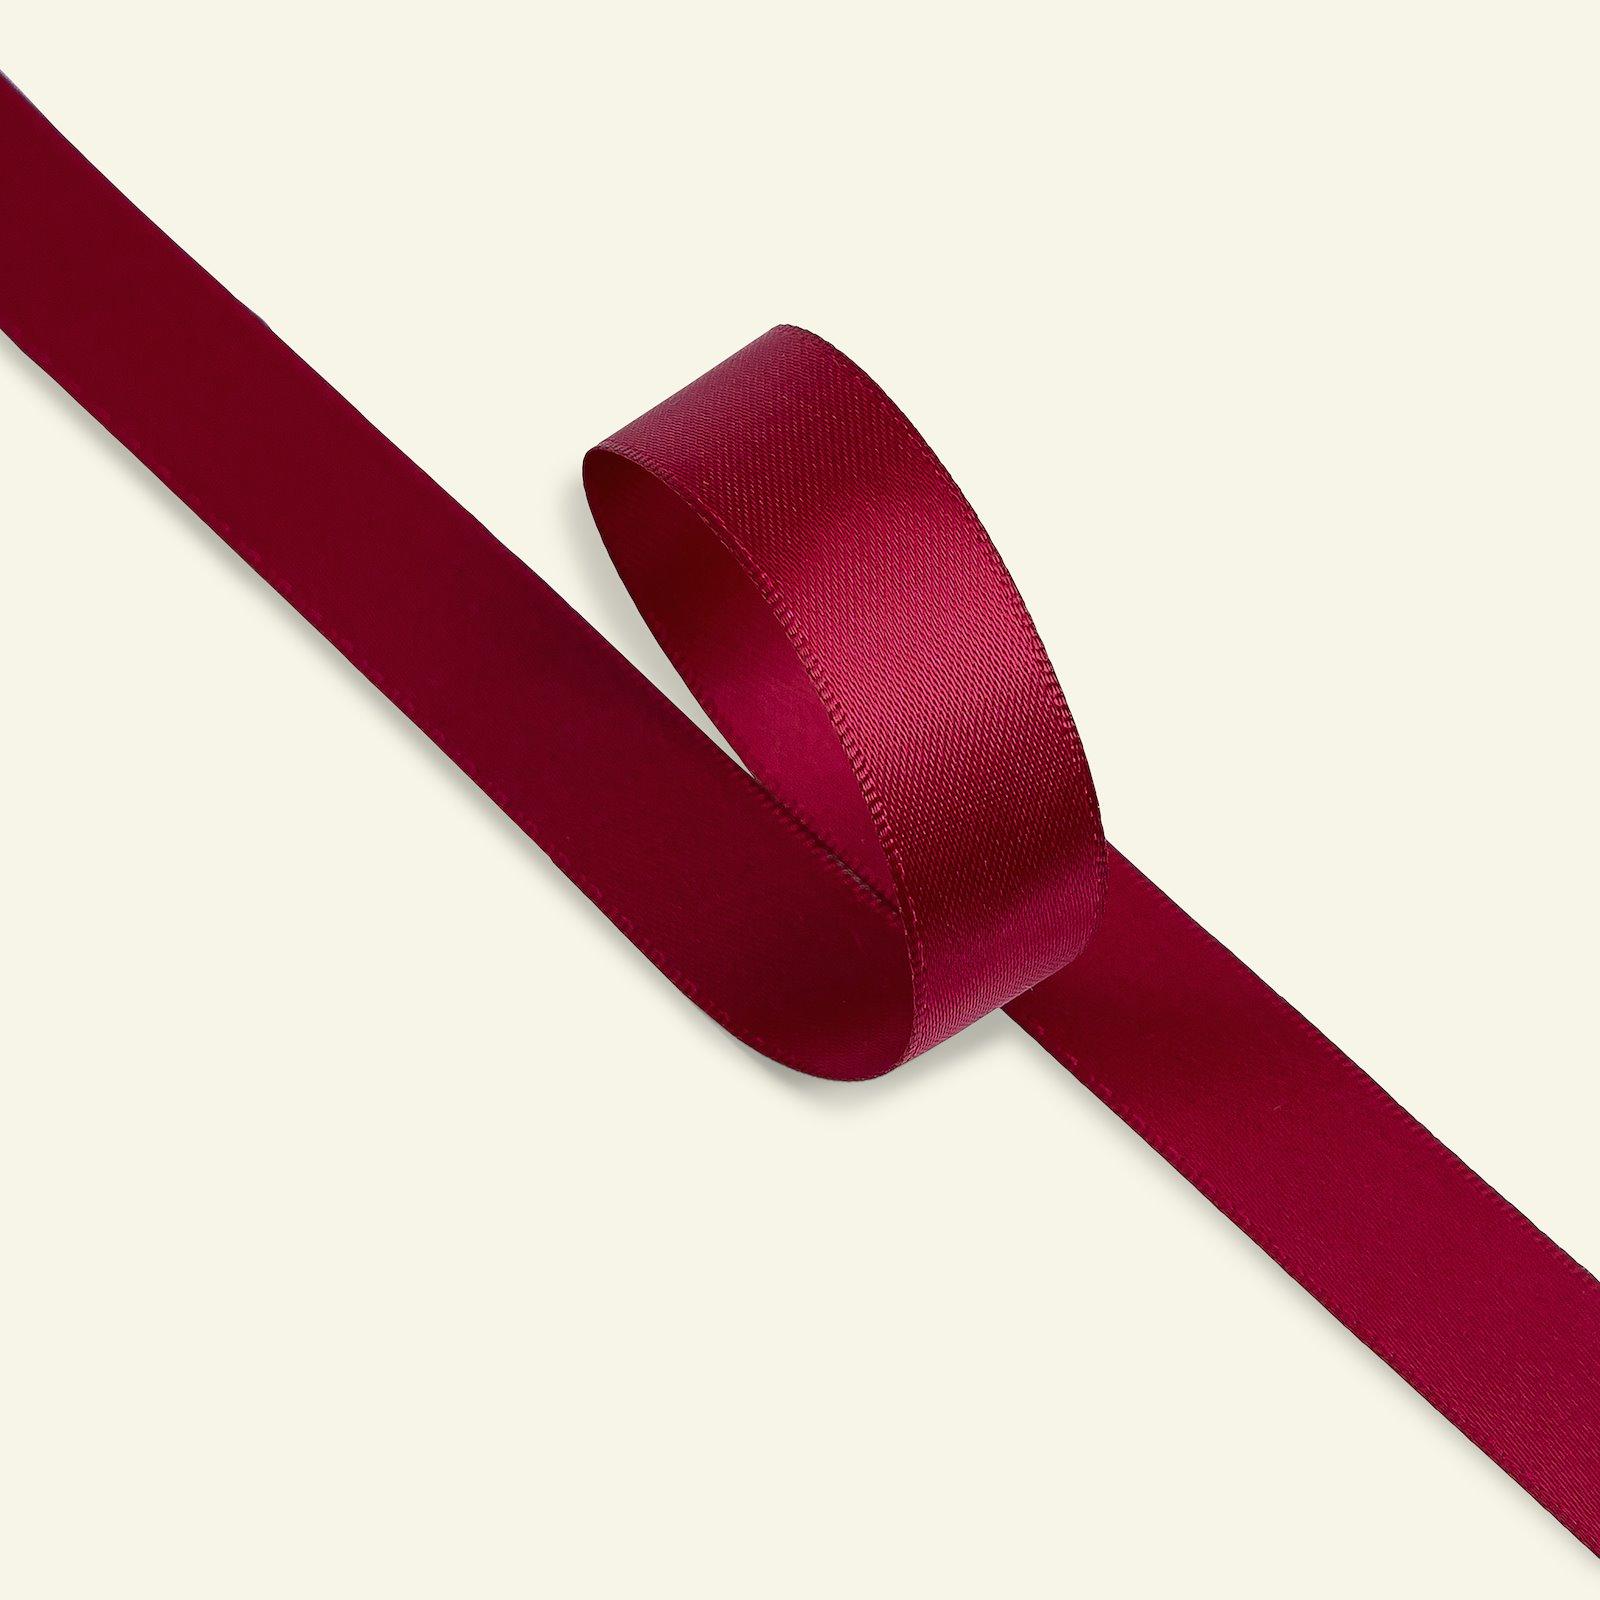 Satin ribbon 15mm bordeaux 25m 27314_pack